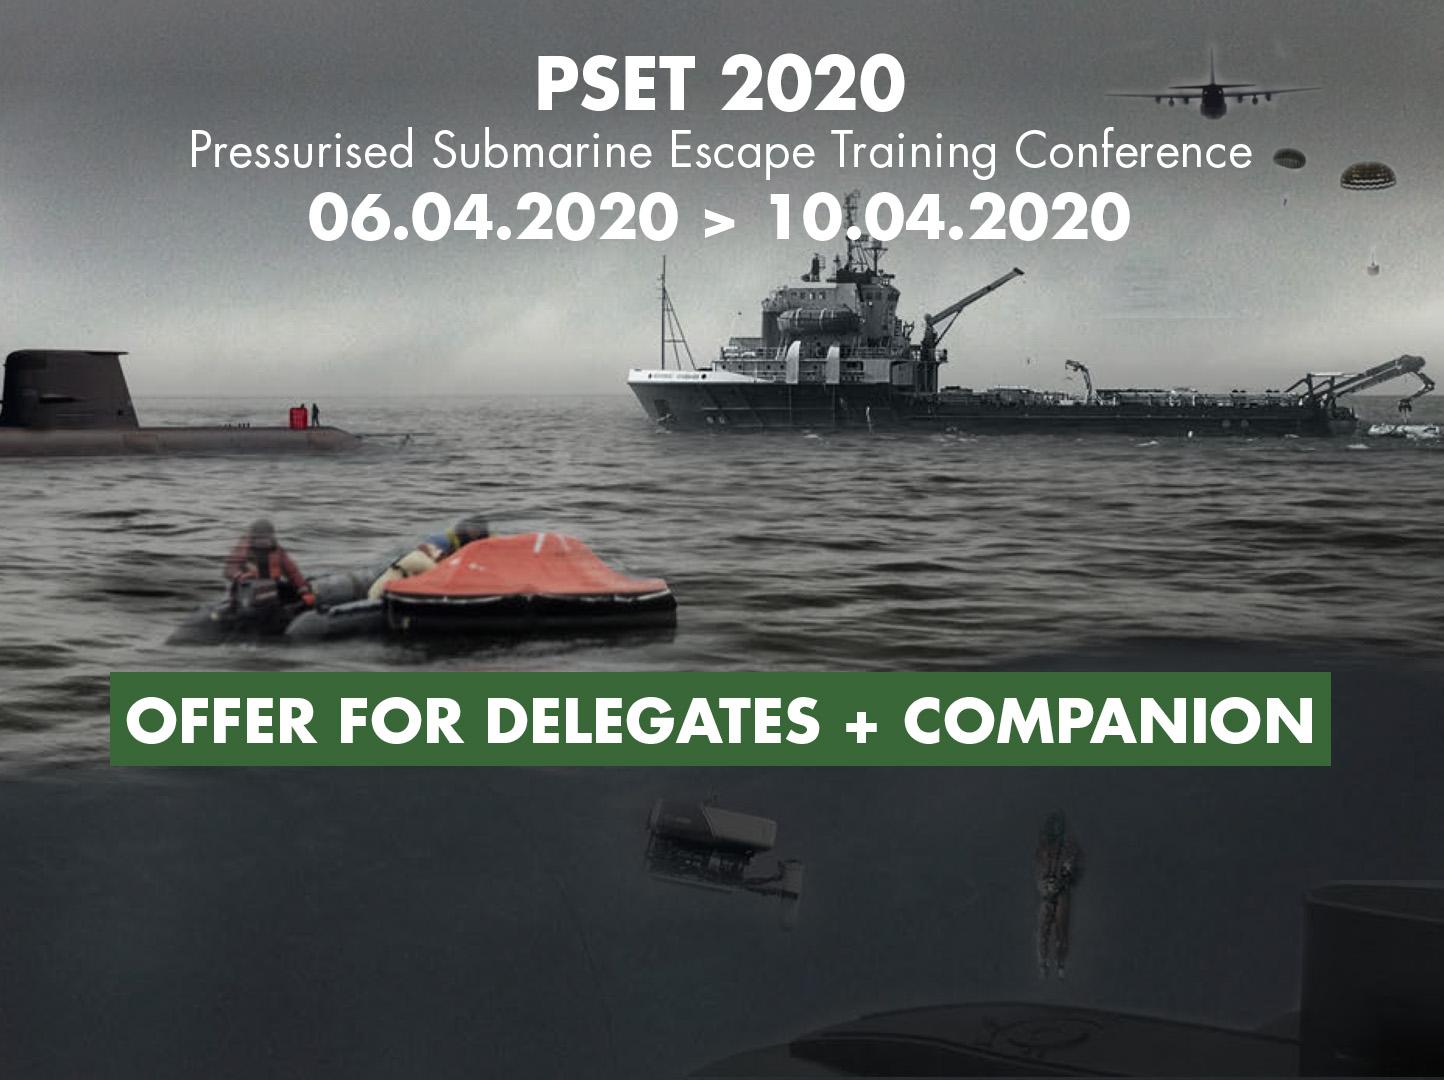 PSET 2020